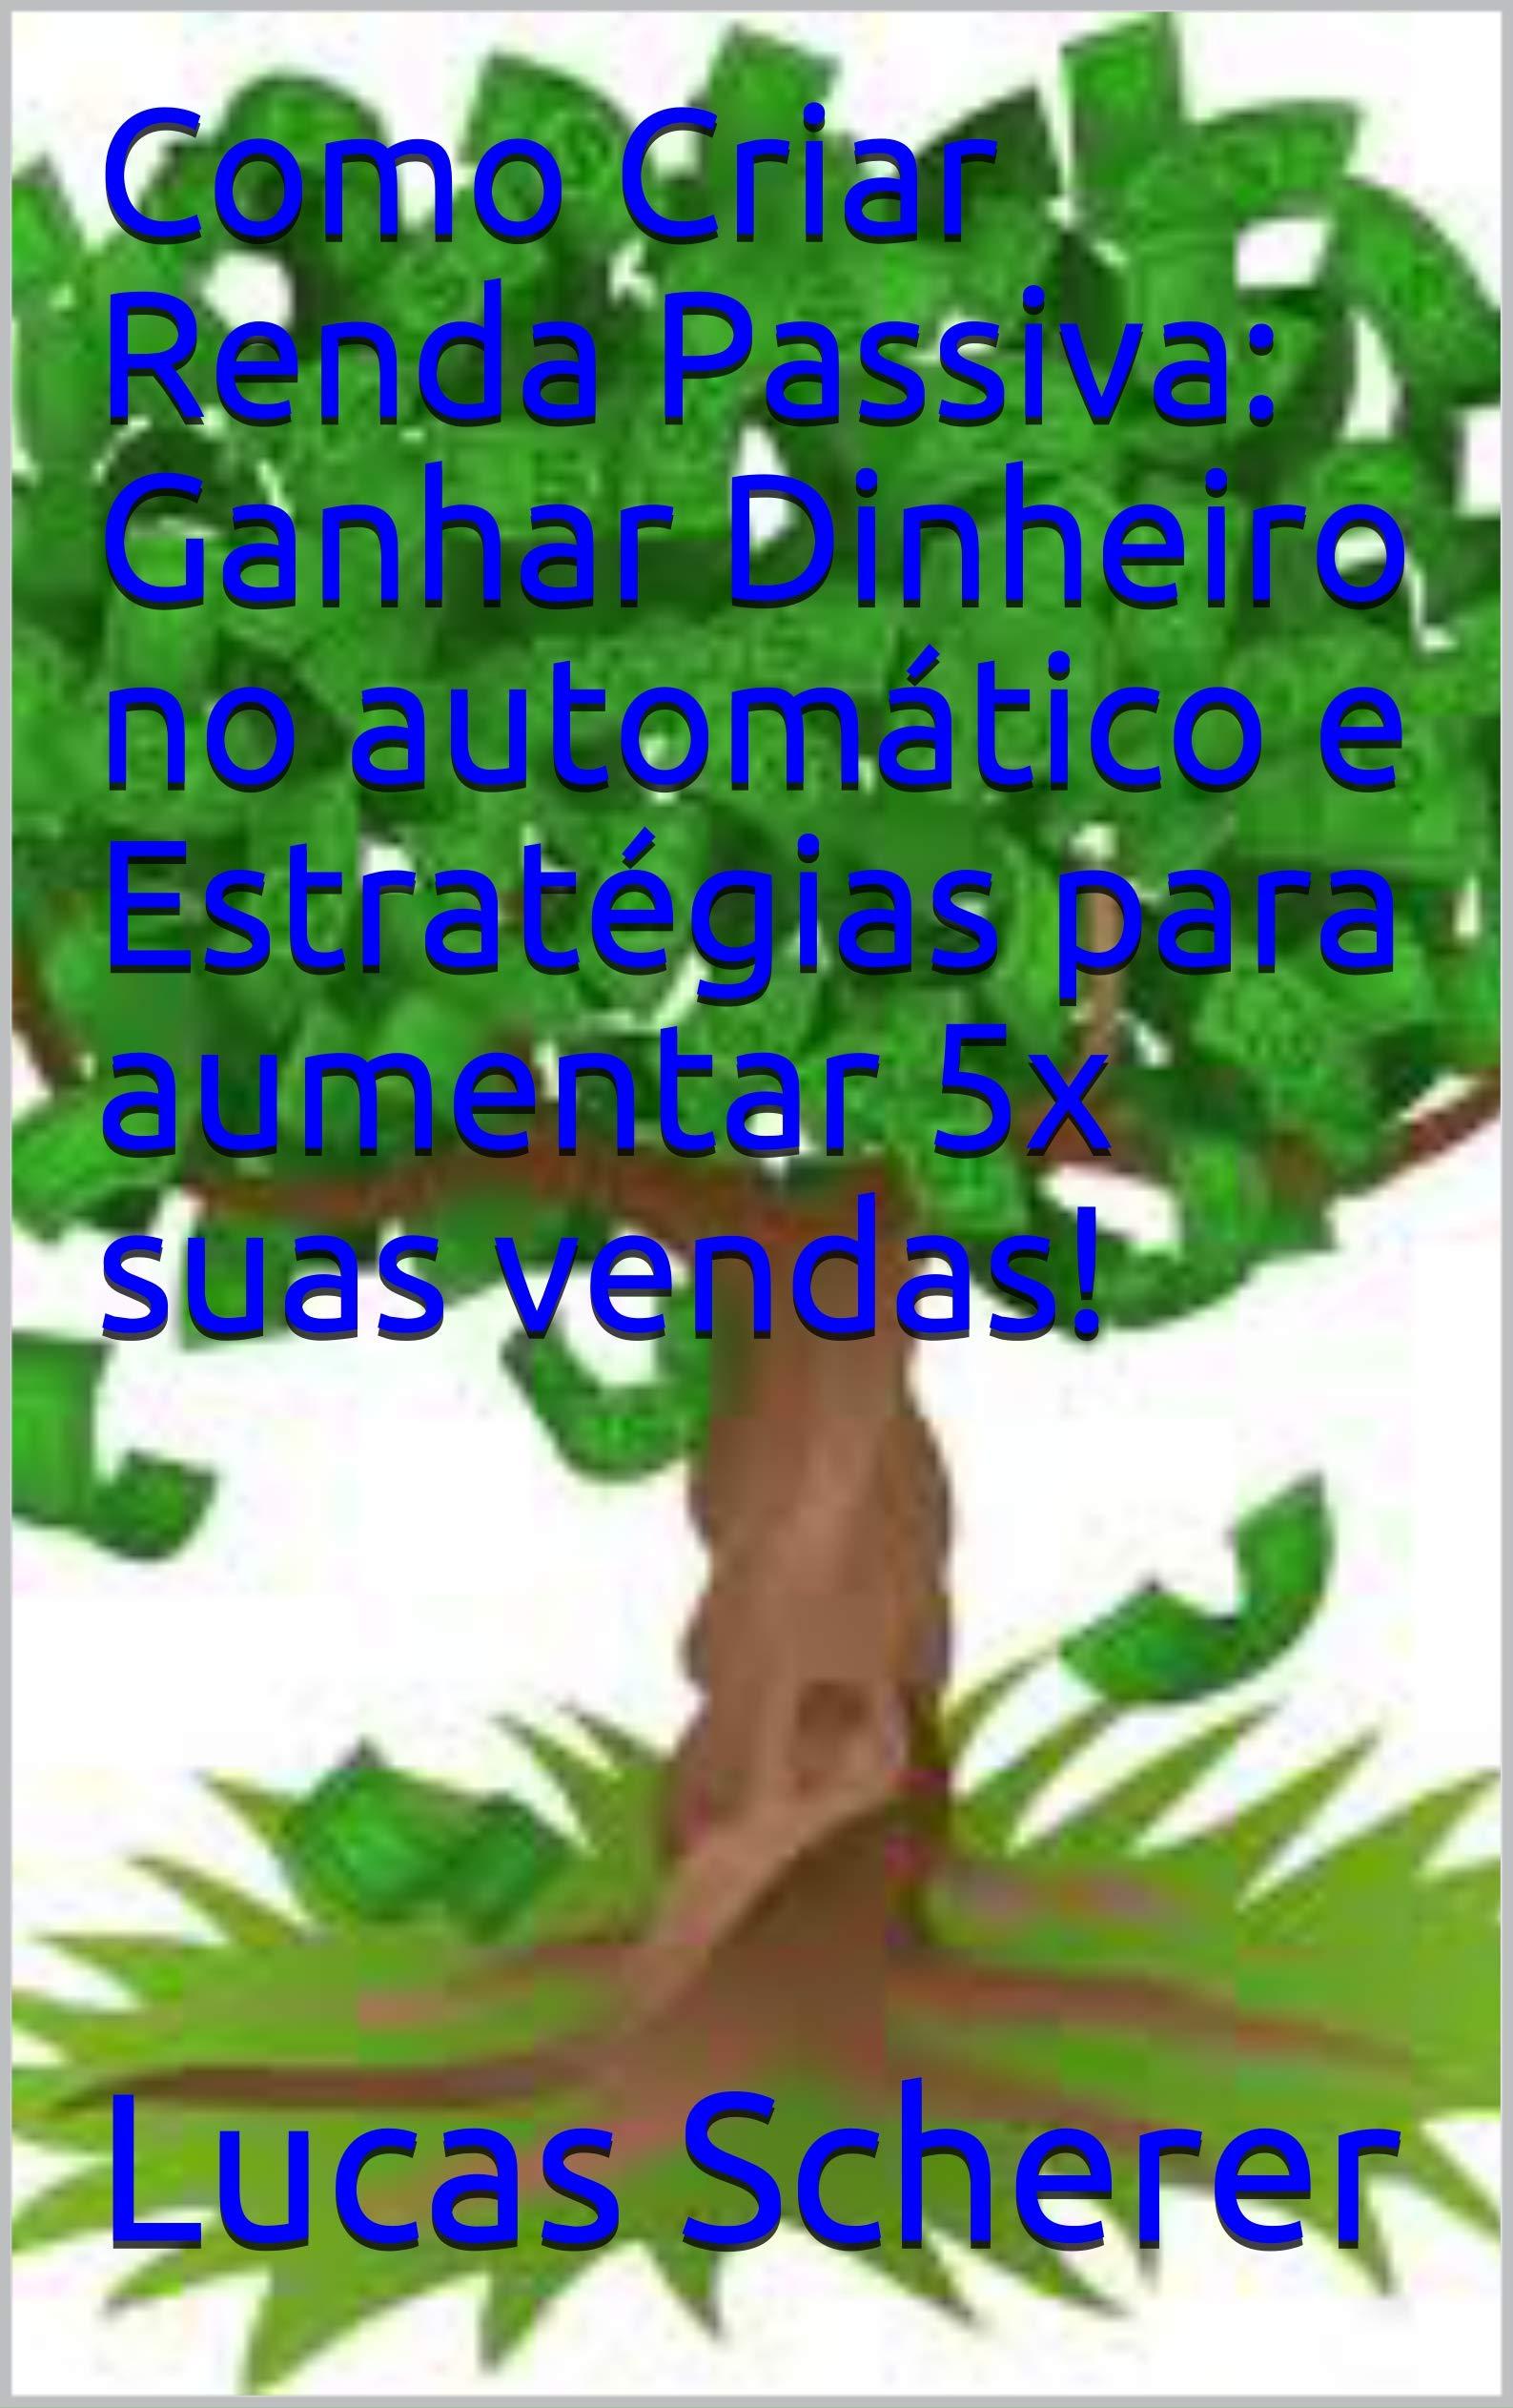 Como Criar Renda Passiva: Ganhar Dinheiro no automático e Estratégias para aumentar 5x suas vendas! (Portuguese Edition)